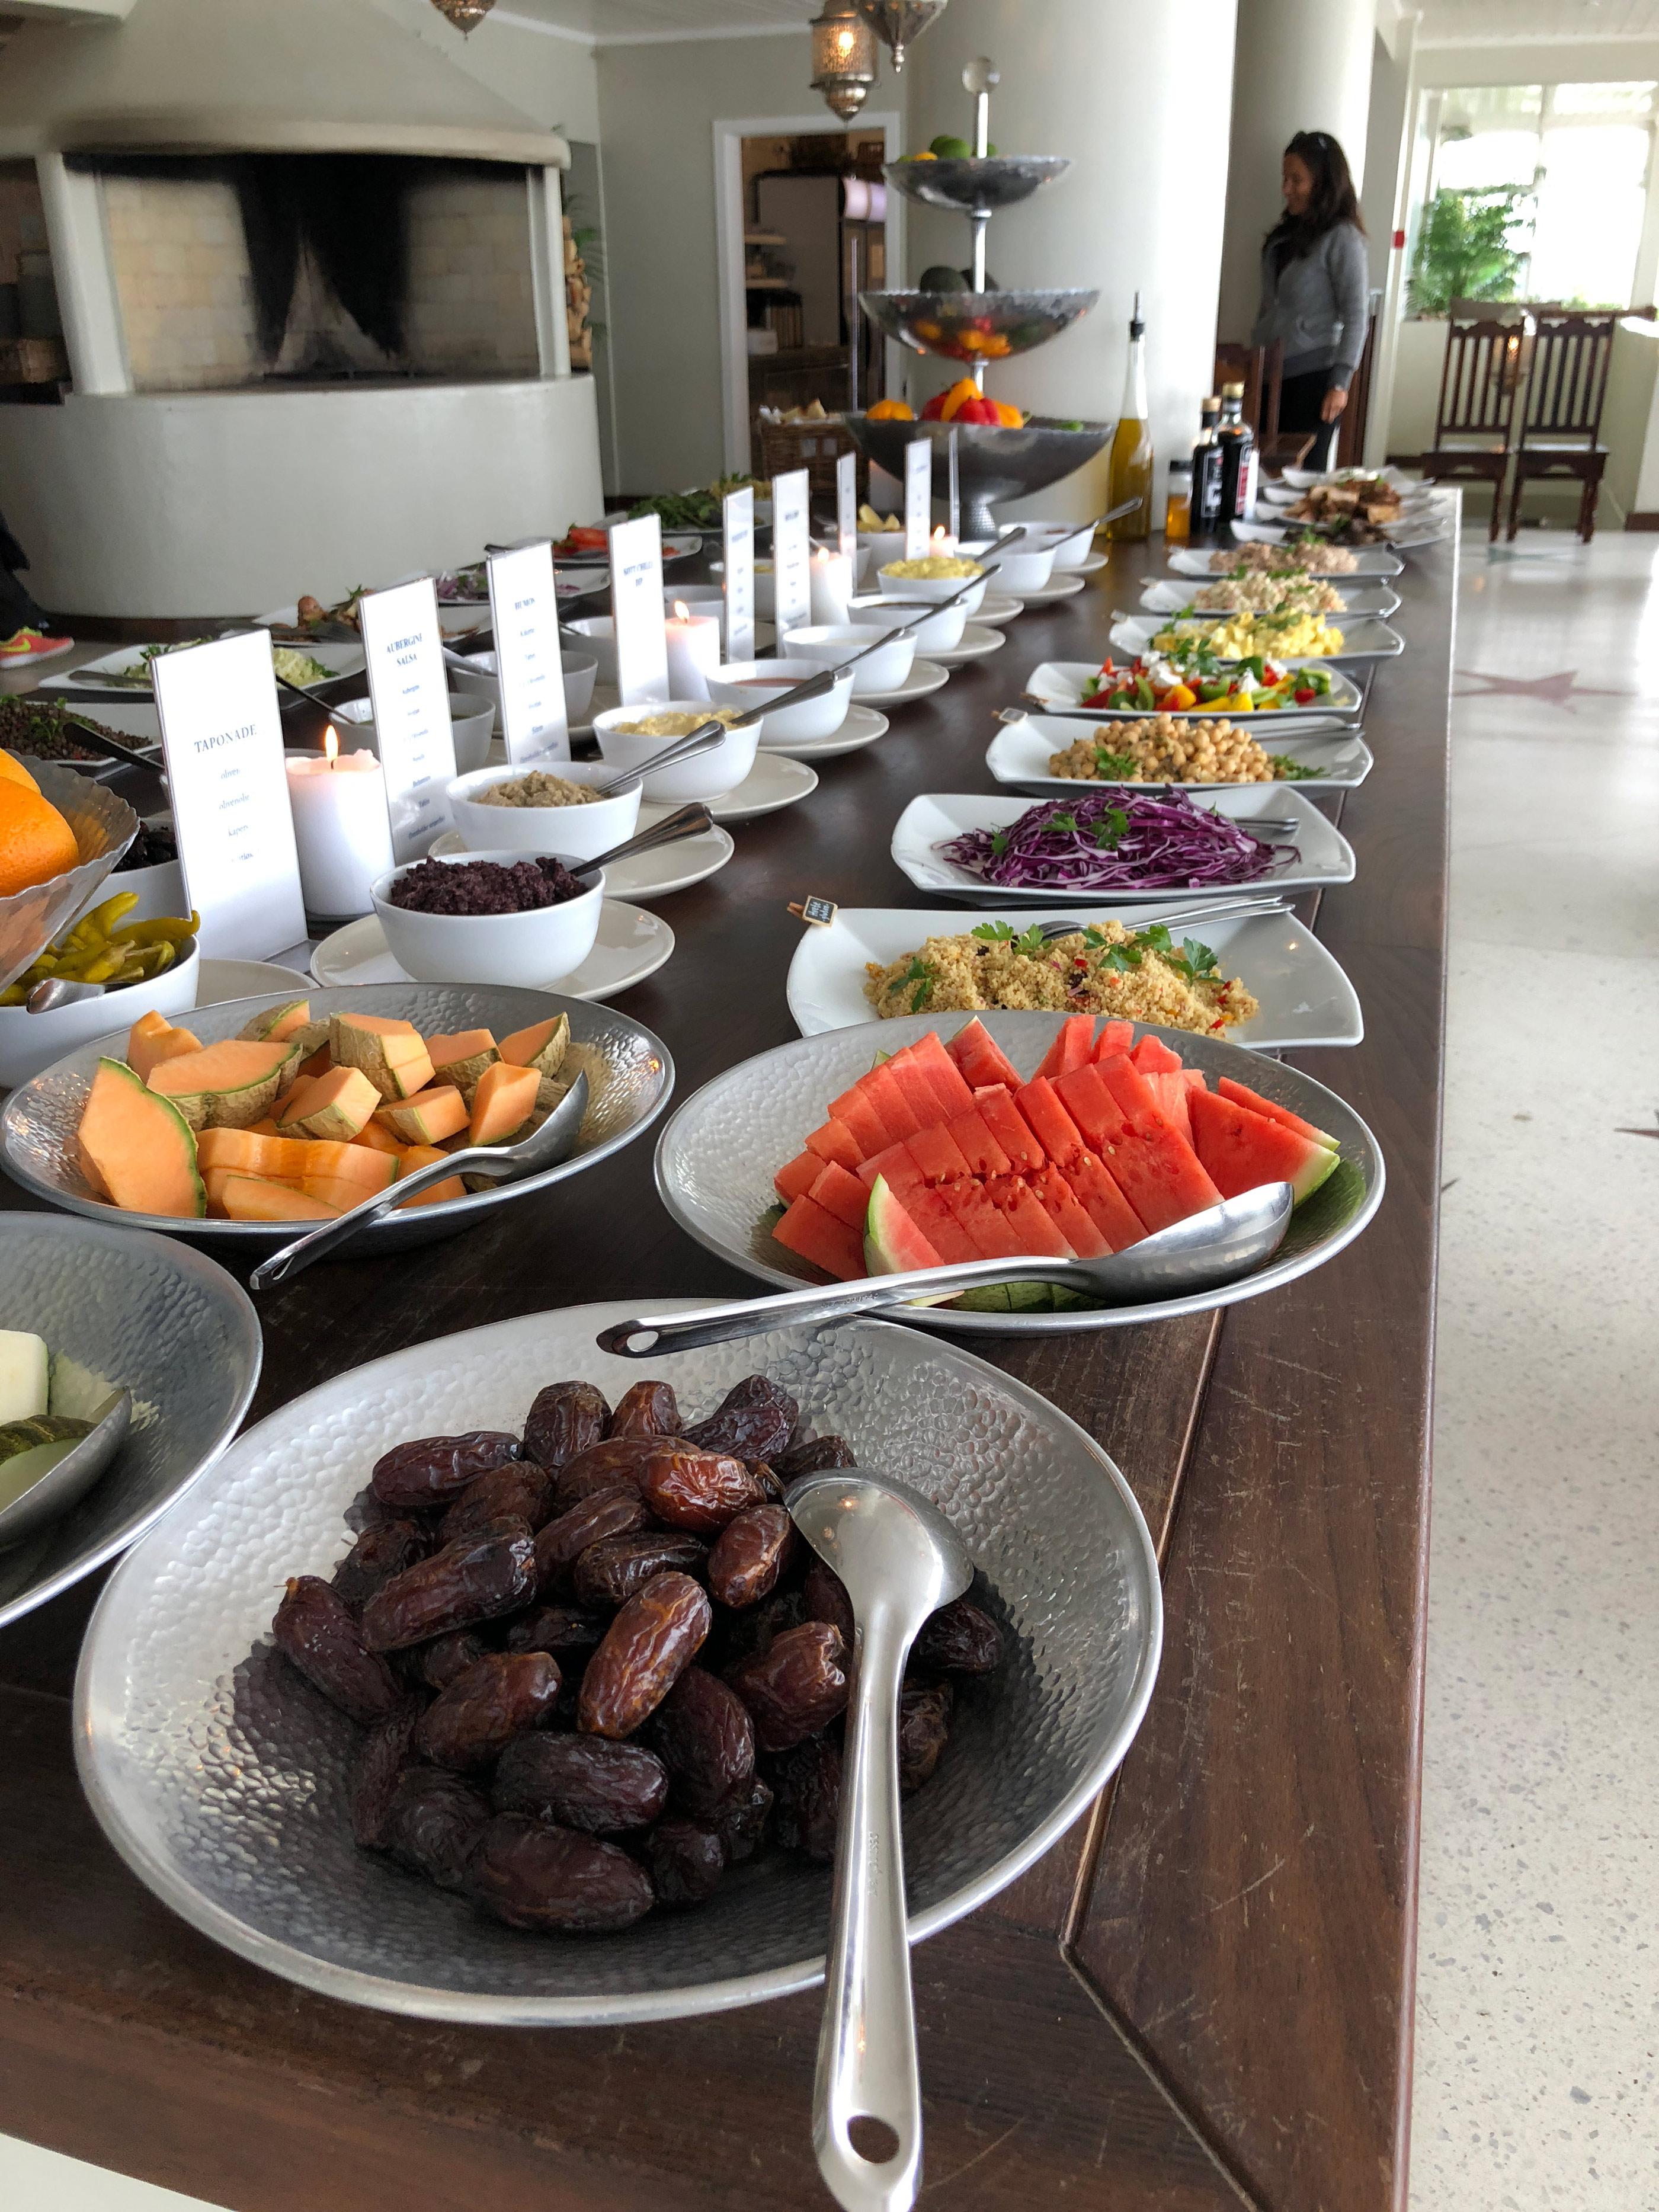 The buffet at Villa Malla Restaurant outside of Oslo